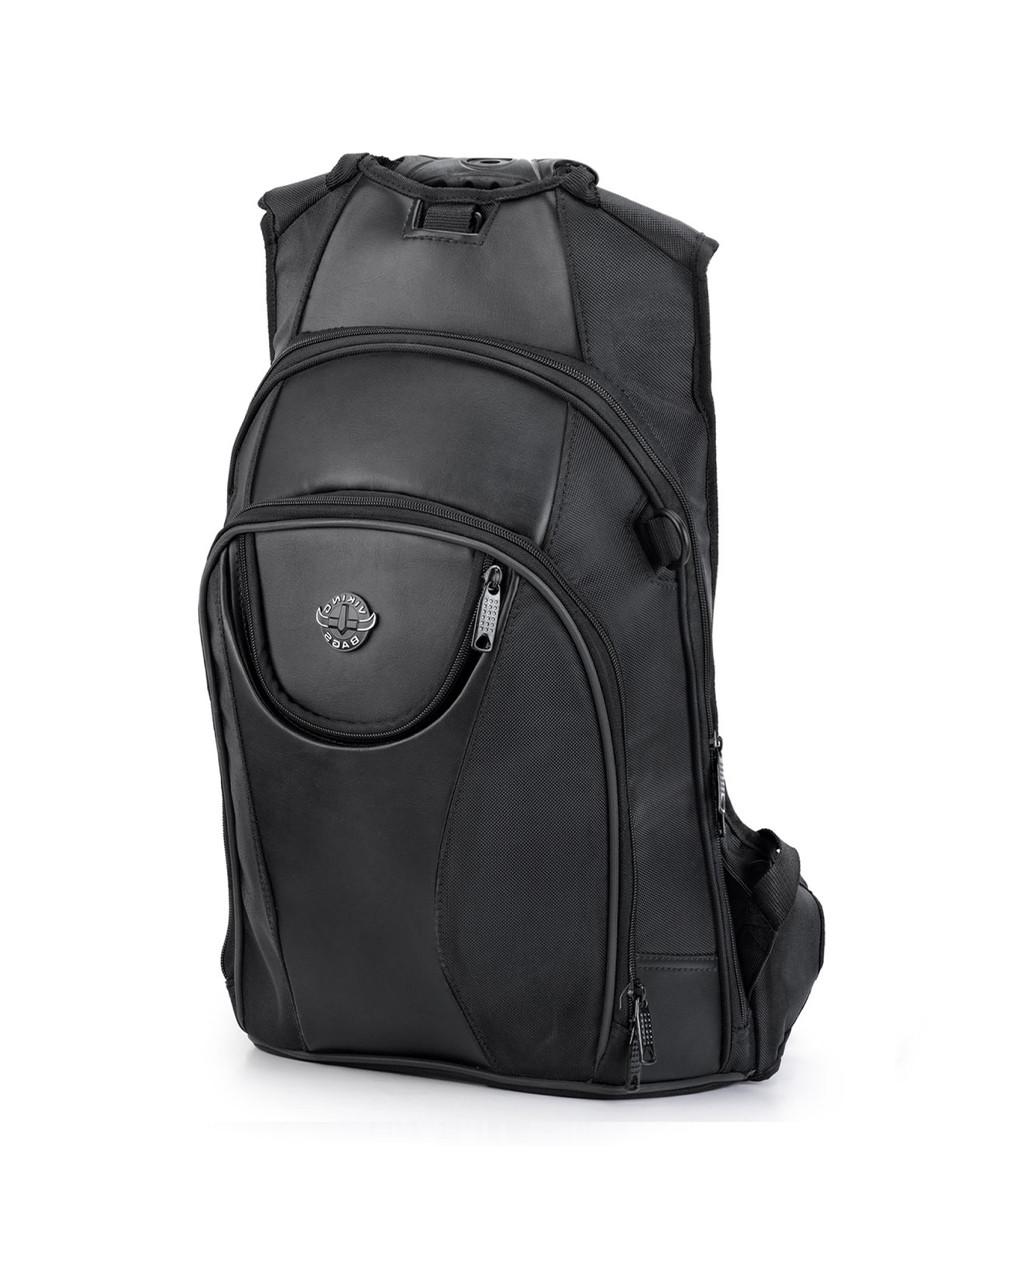 Yamaha Viking Motorcycle Large Backpack Main Bag View